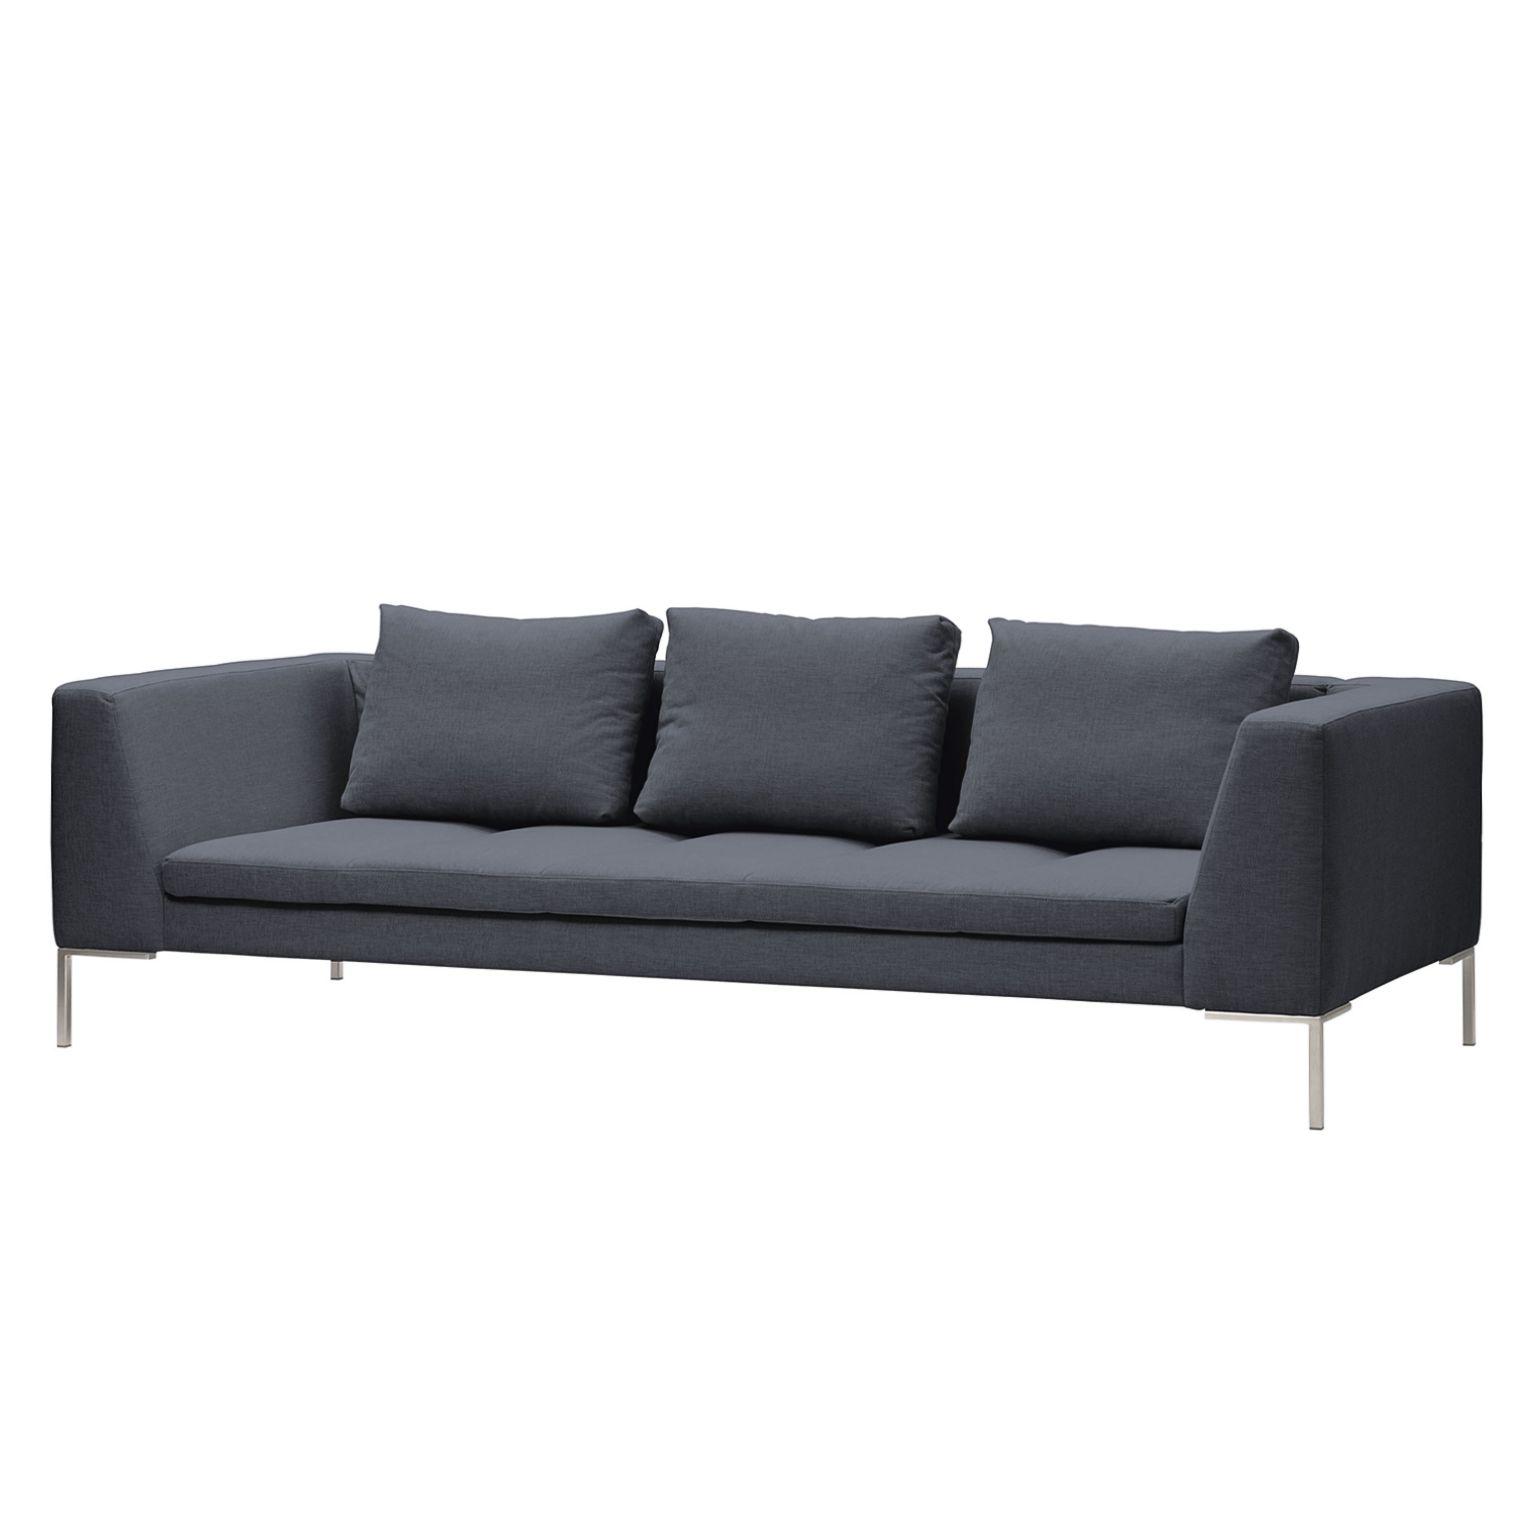 sofa madison 3 sitzer webstoff stoff milan anthrazit. Black Bedroom Furniture Sets. Home Design Ideas